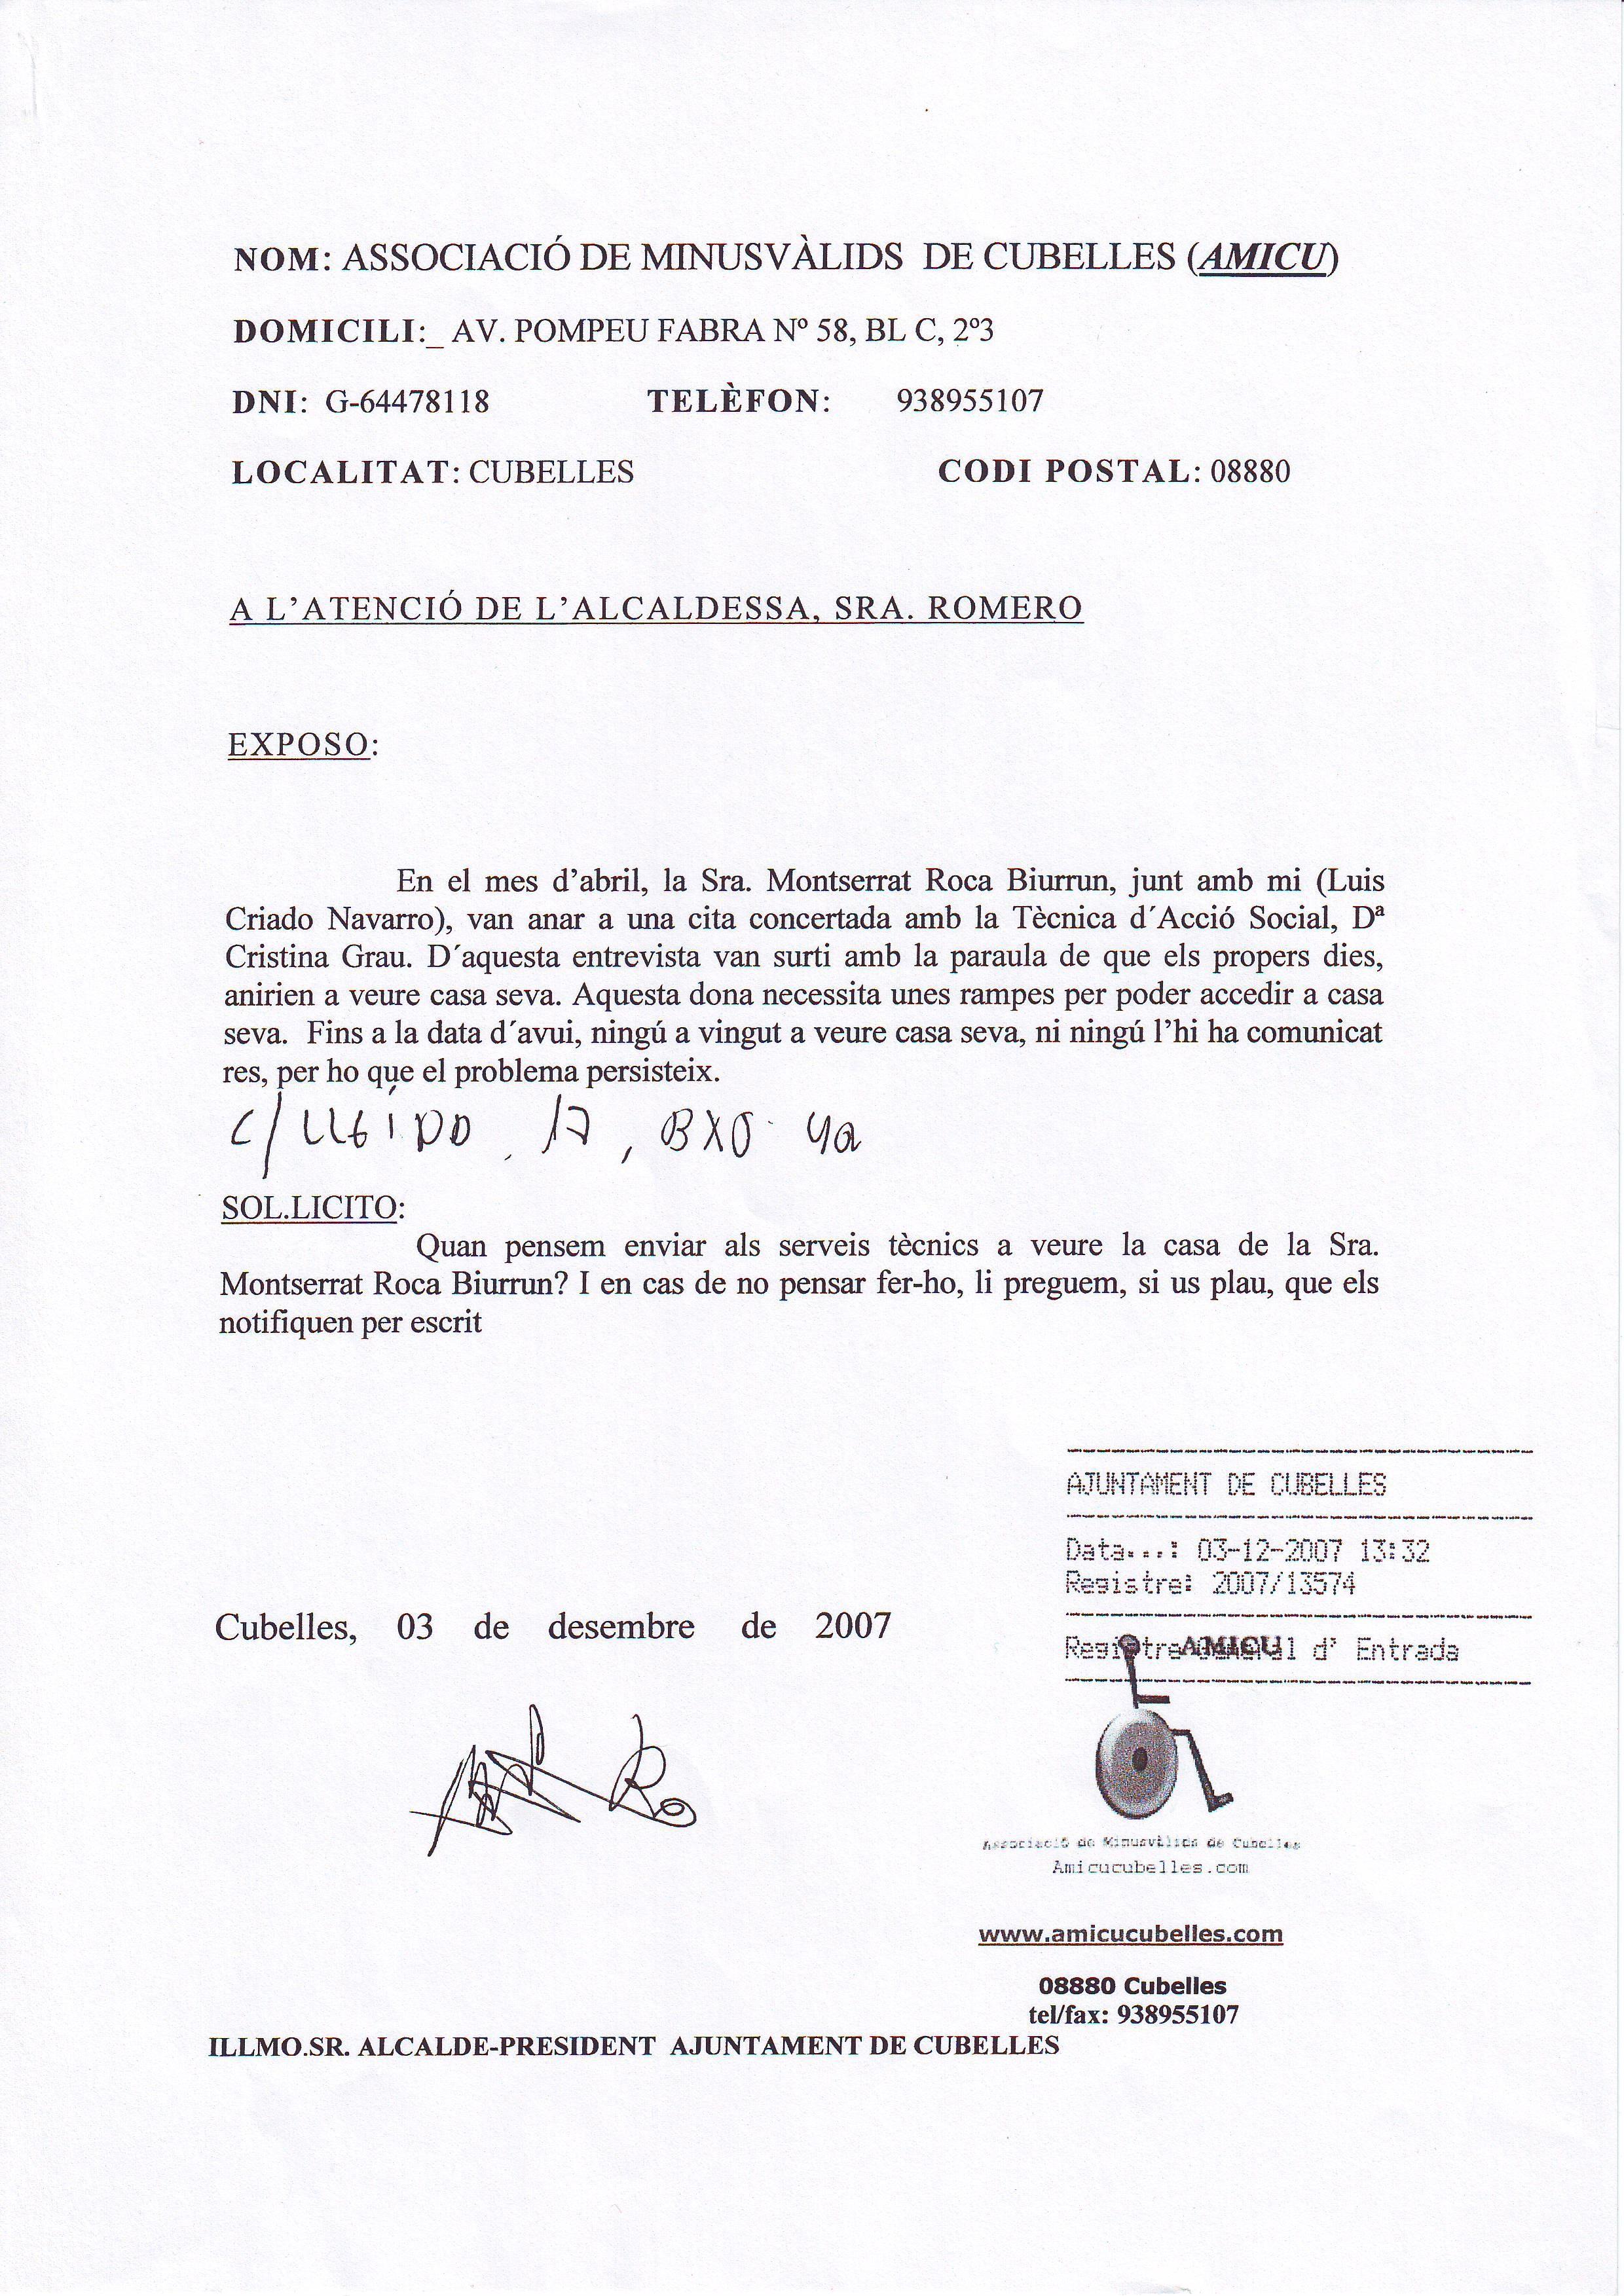 INSTANCIQA MONTSE ROCA- SERVIVIOS TECNICOS A SU CASA- 03-12-2007